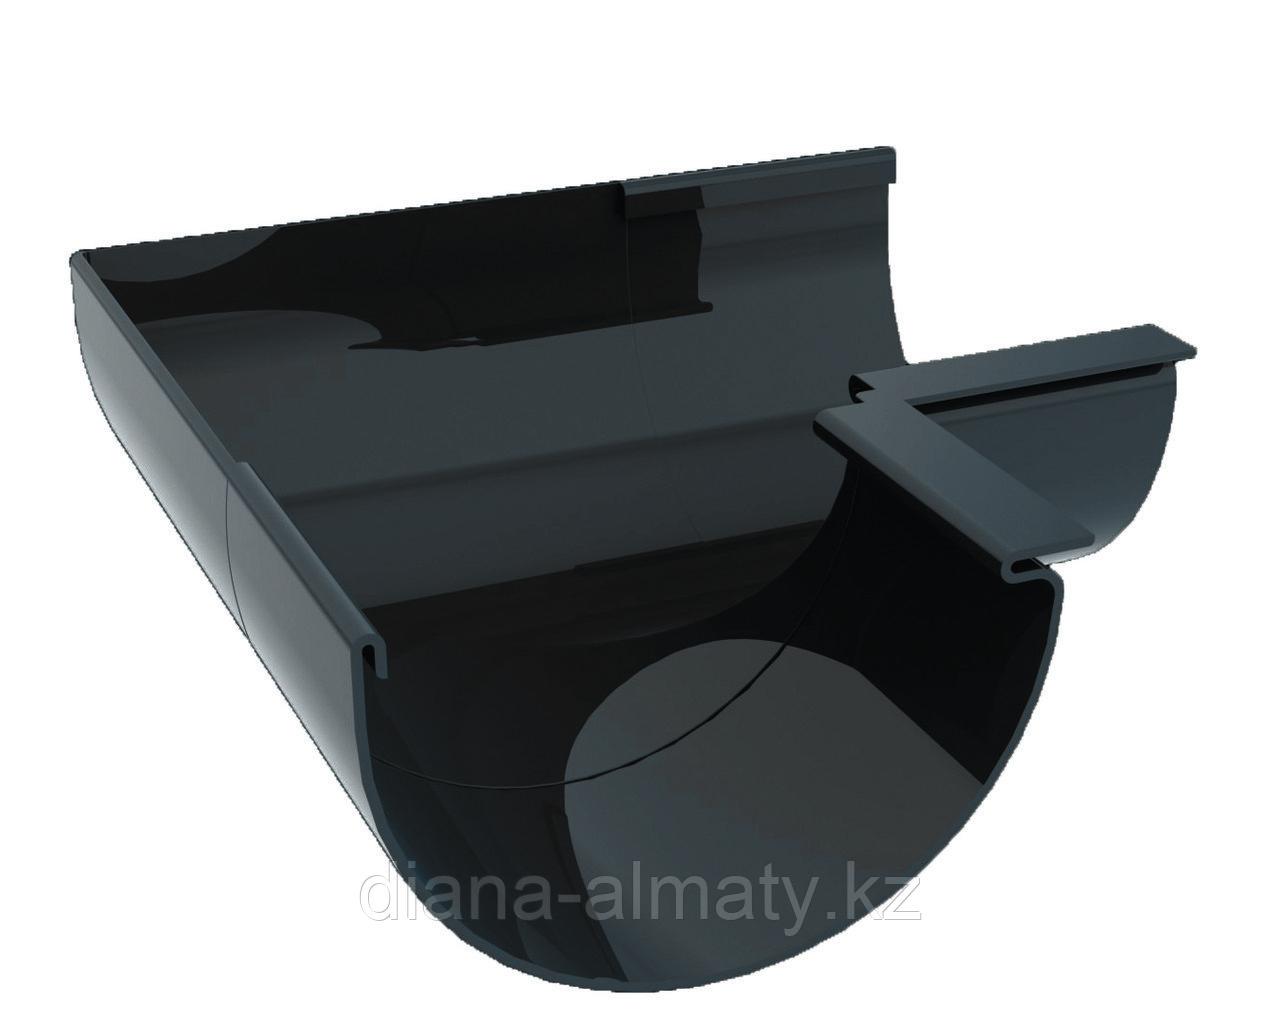 Угол наружный (внутренний) 90 град. для желоба d=125 мм, RUPLAST (Россия) серый графит